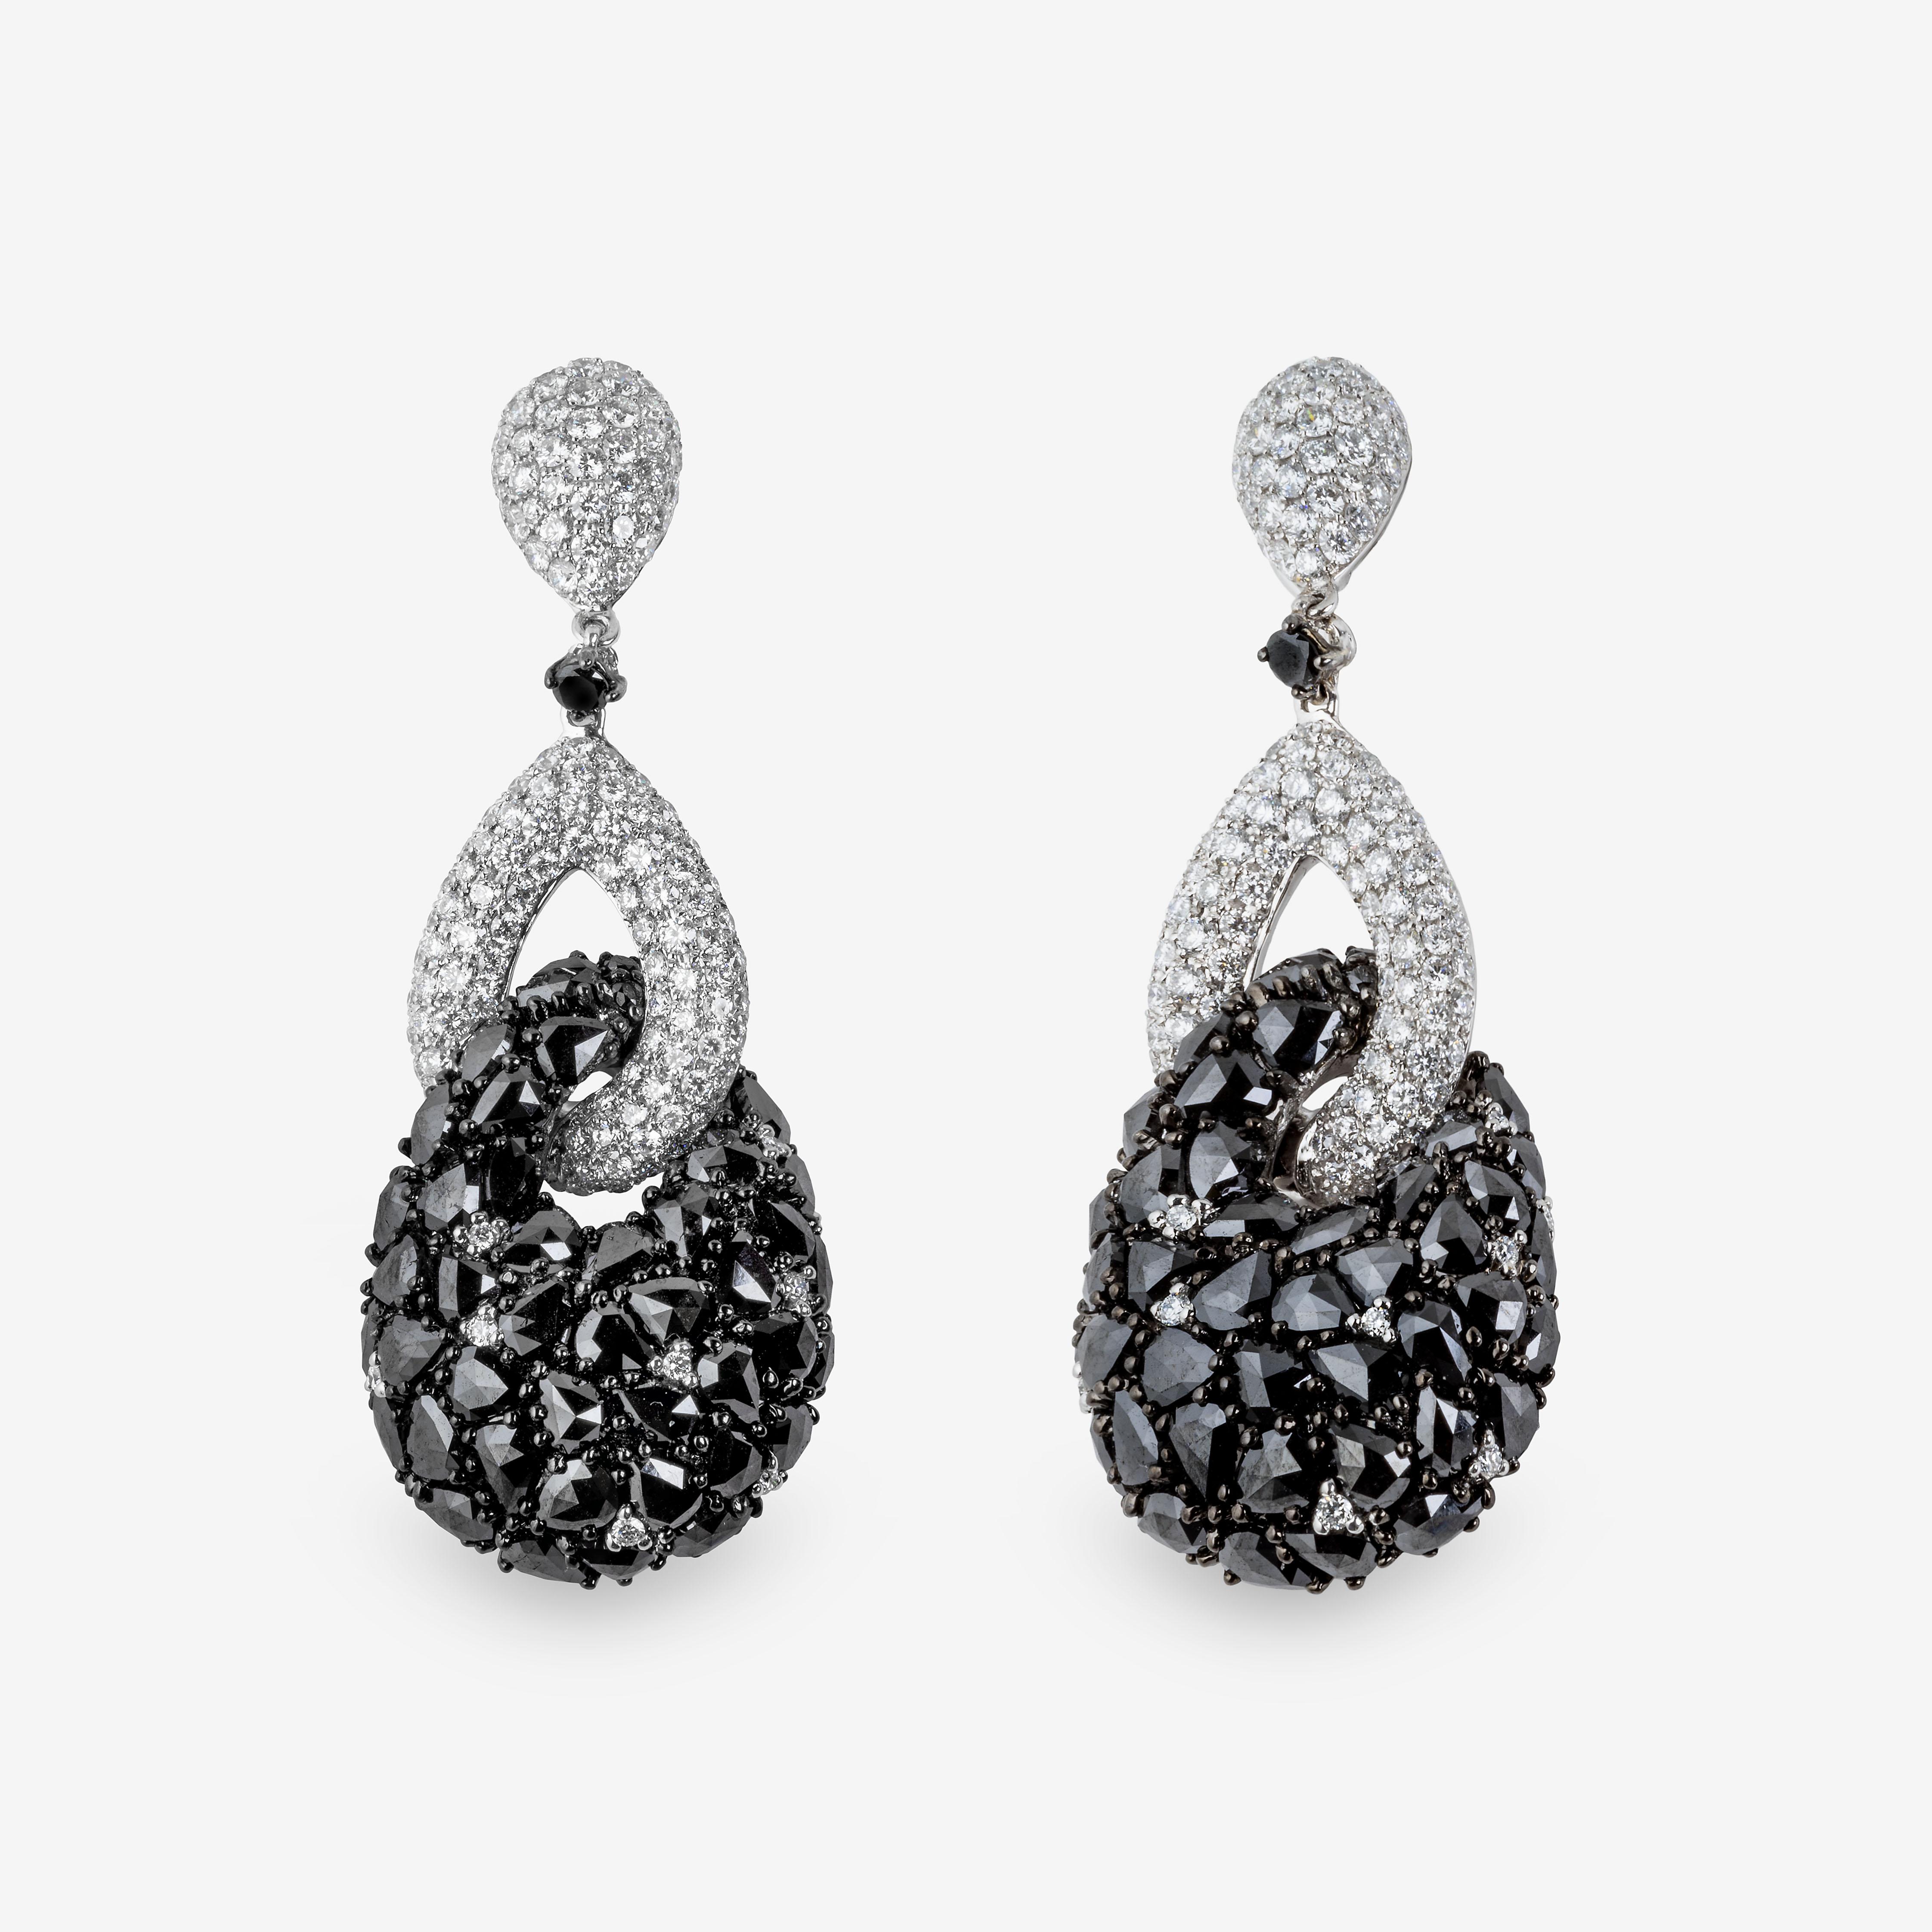 Pendientes oro blanco y diamantes blancos y negros 17,69 quilates